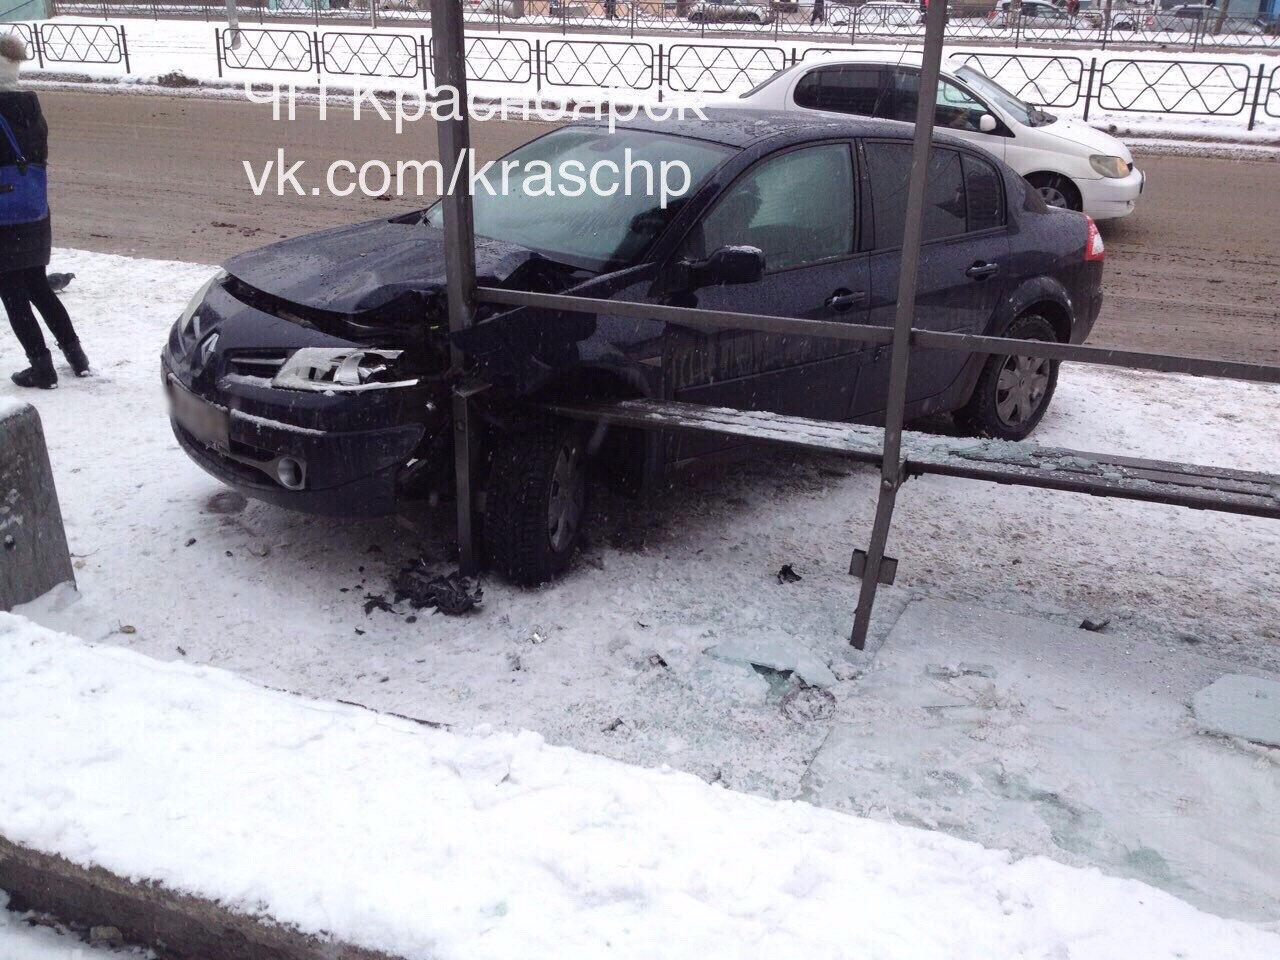 Автомобиль врезался вавтобусную остановку вКрасноярске: есть пострадавшие